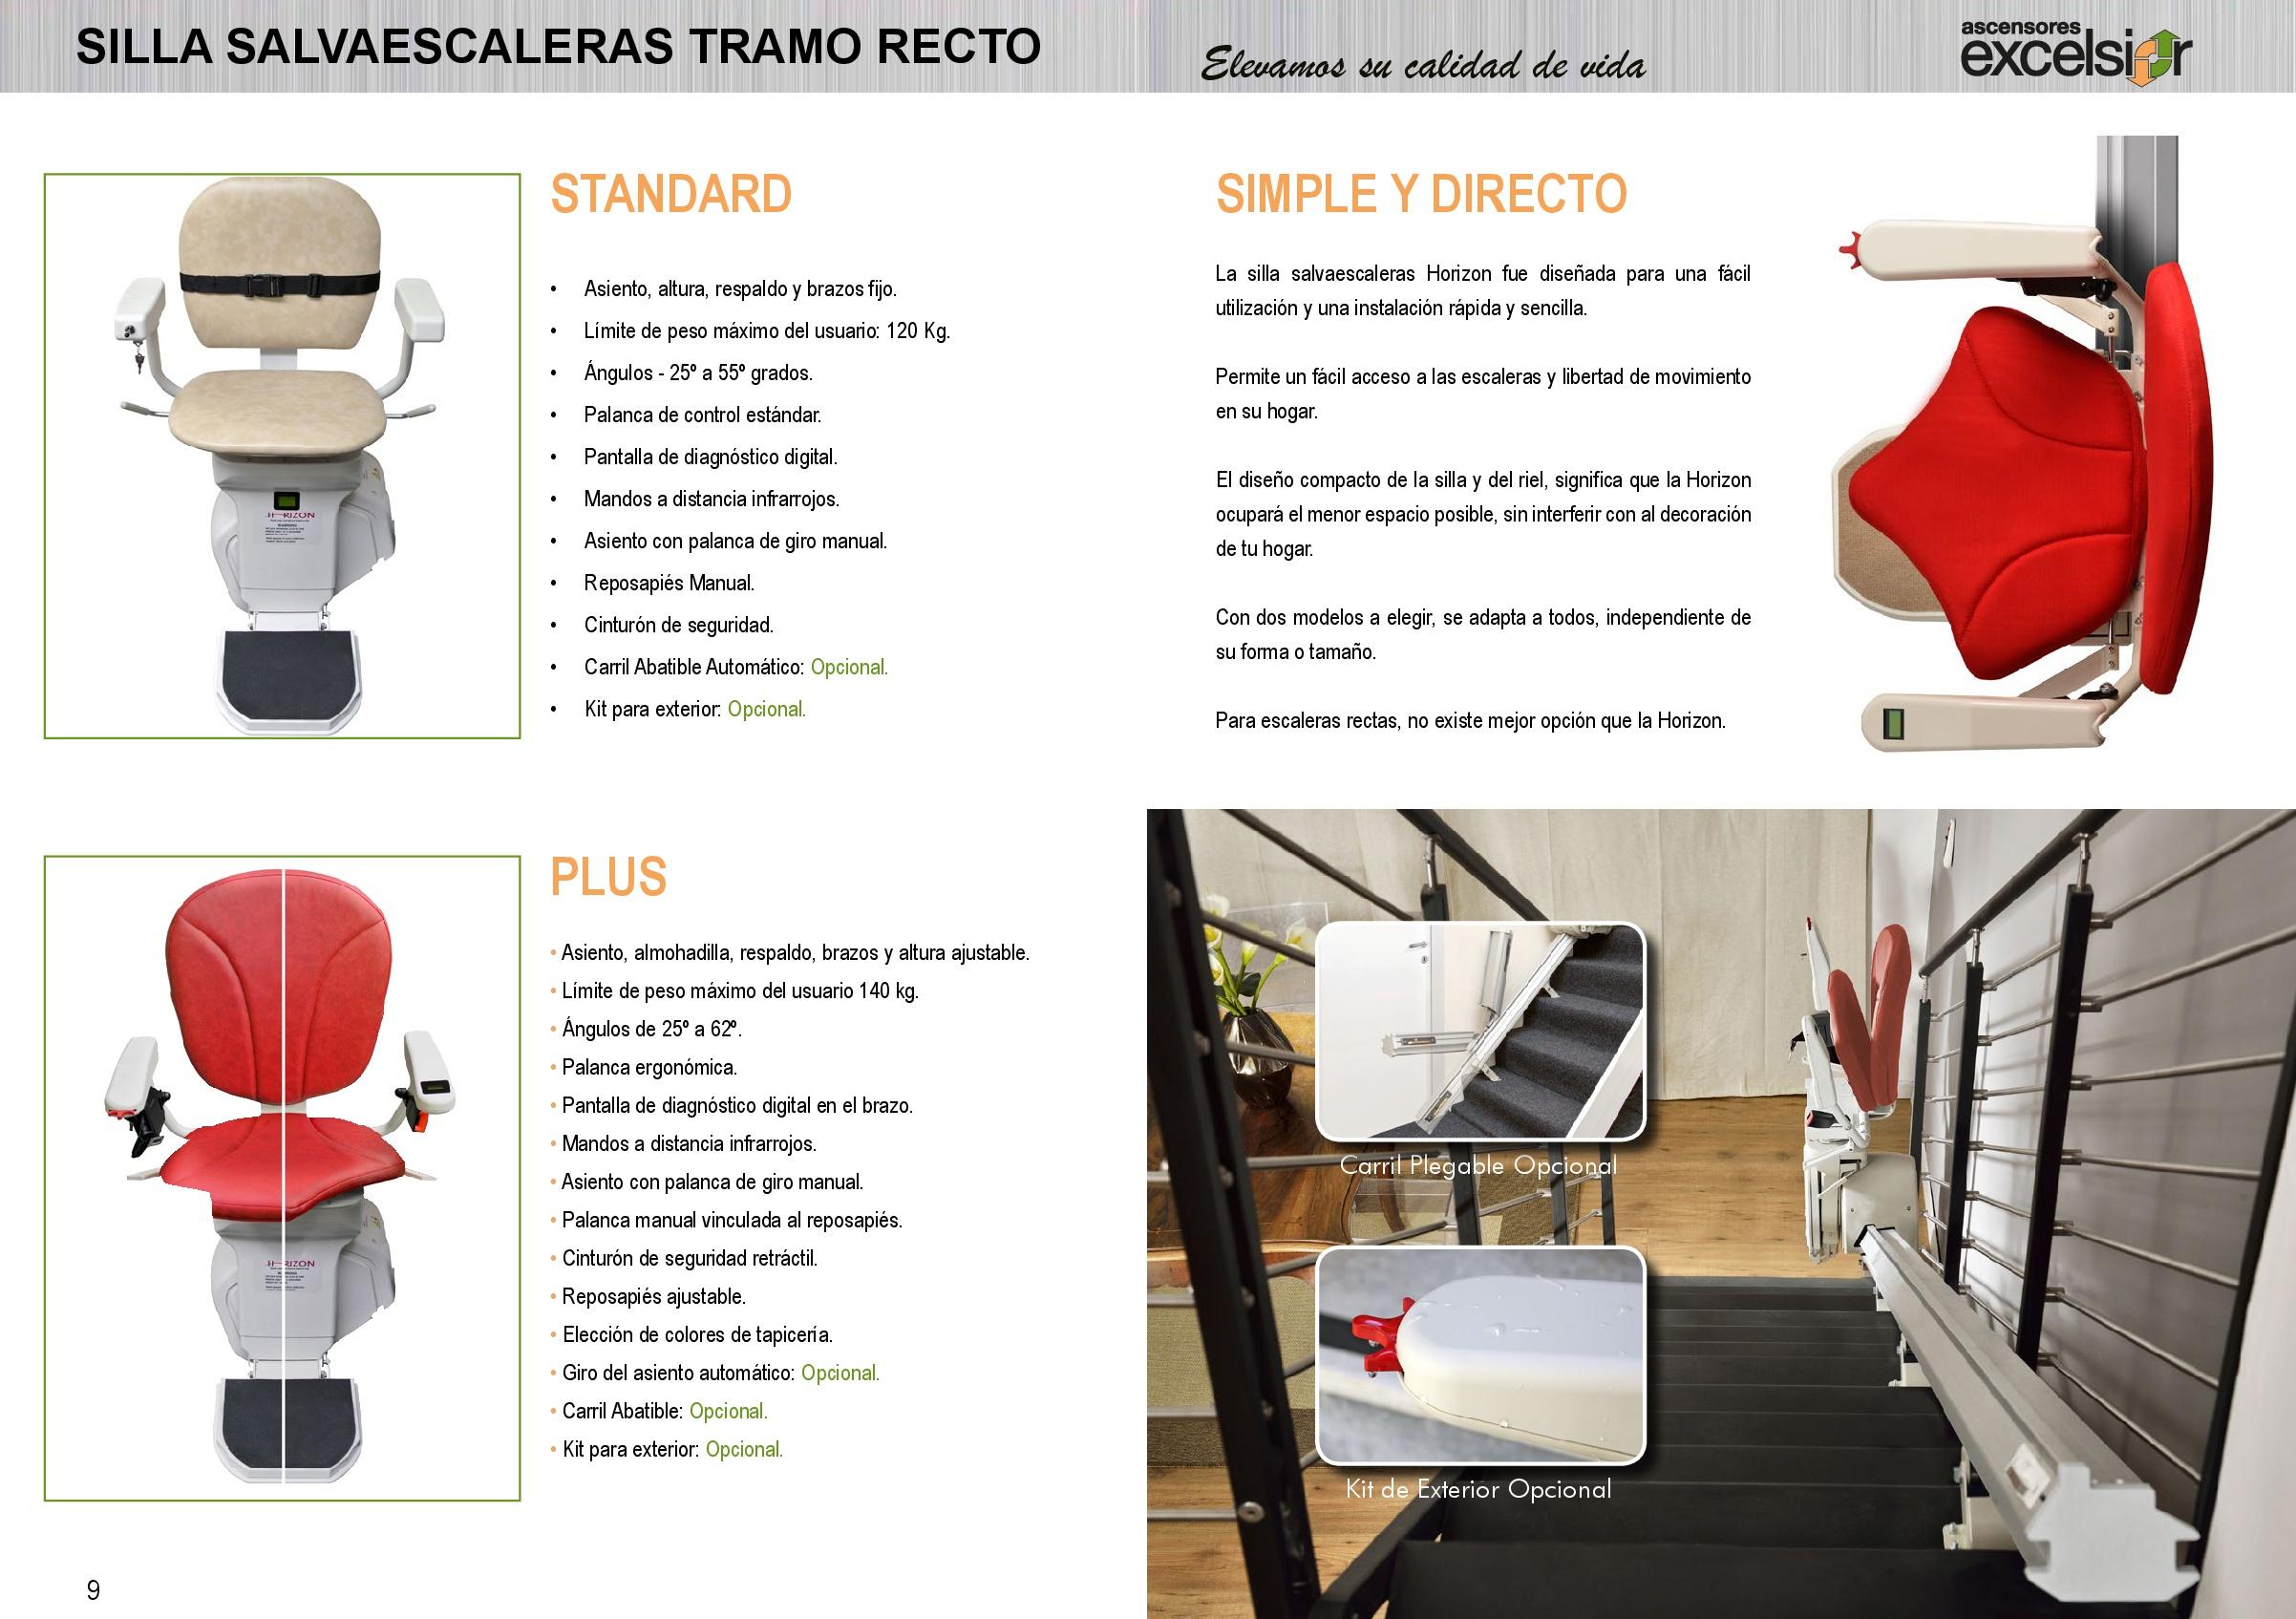 Sillas salvaescaleras original en castellano para minusvalidos